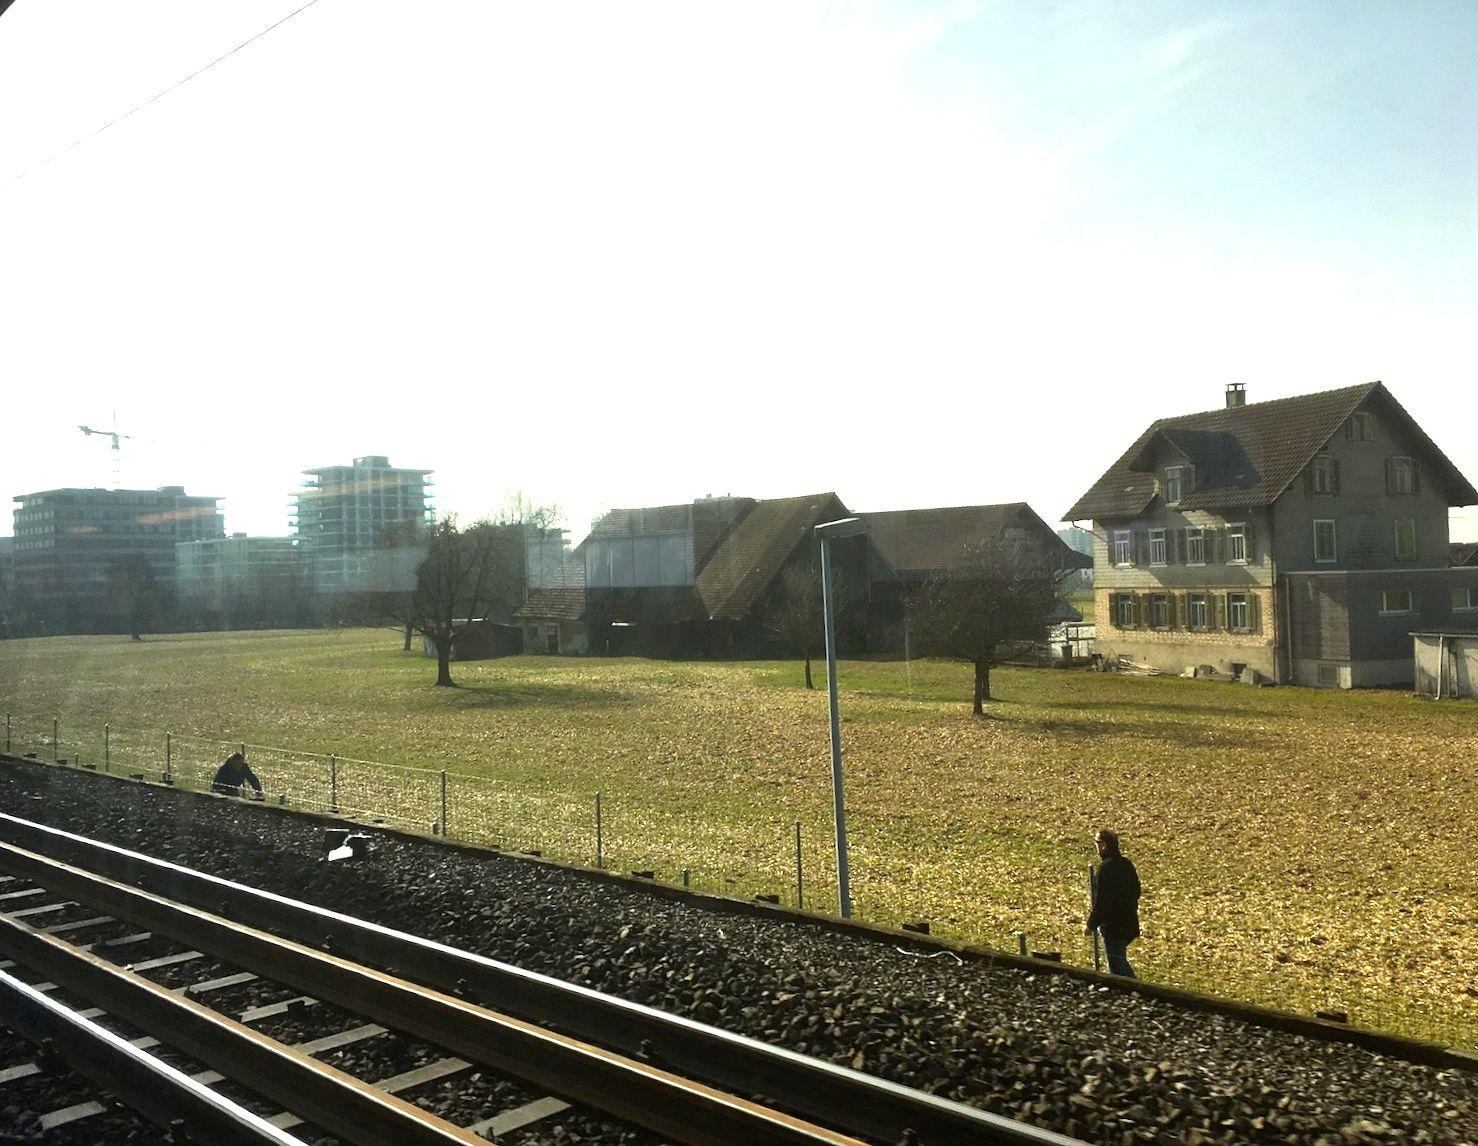 Diese Aussicht an der Bahnstrecke zwischen Baar und Zug dürfte nicht so schnell ändern. Der Bauernhof Stocker im Gebiet Unterfeld-Schleife.